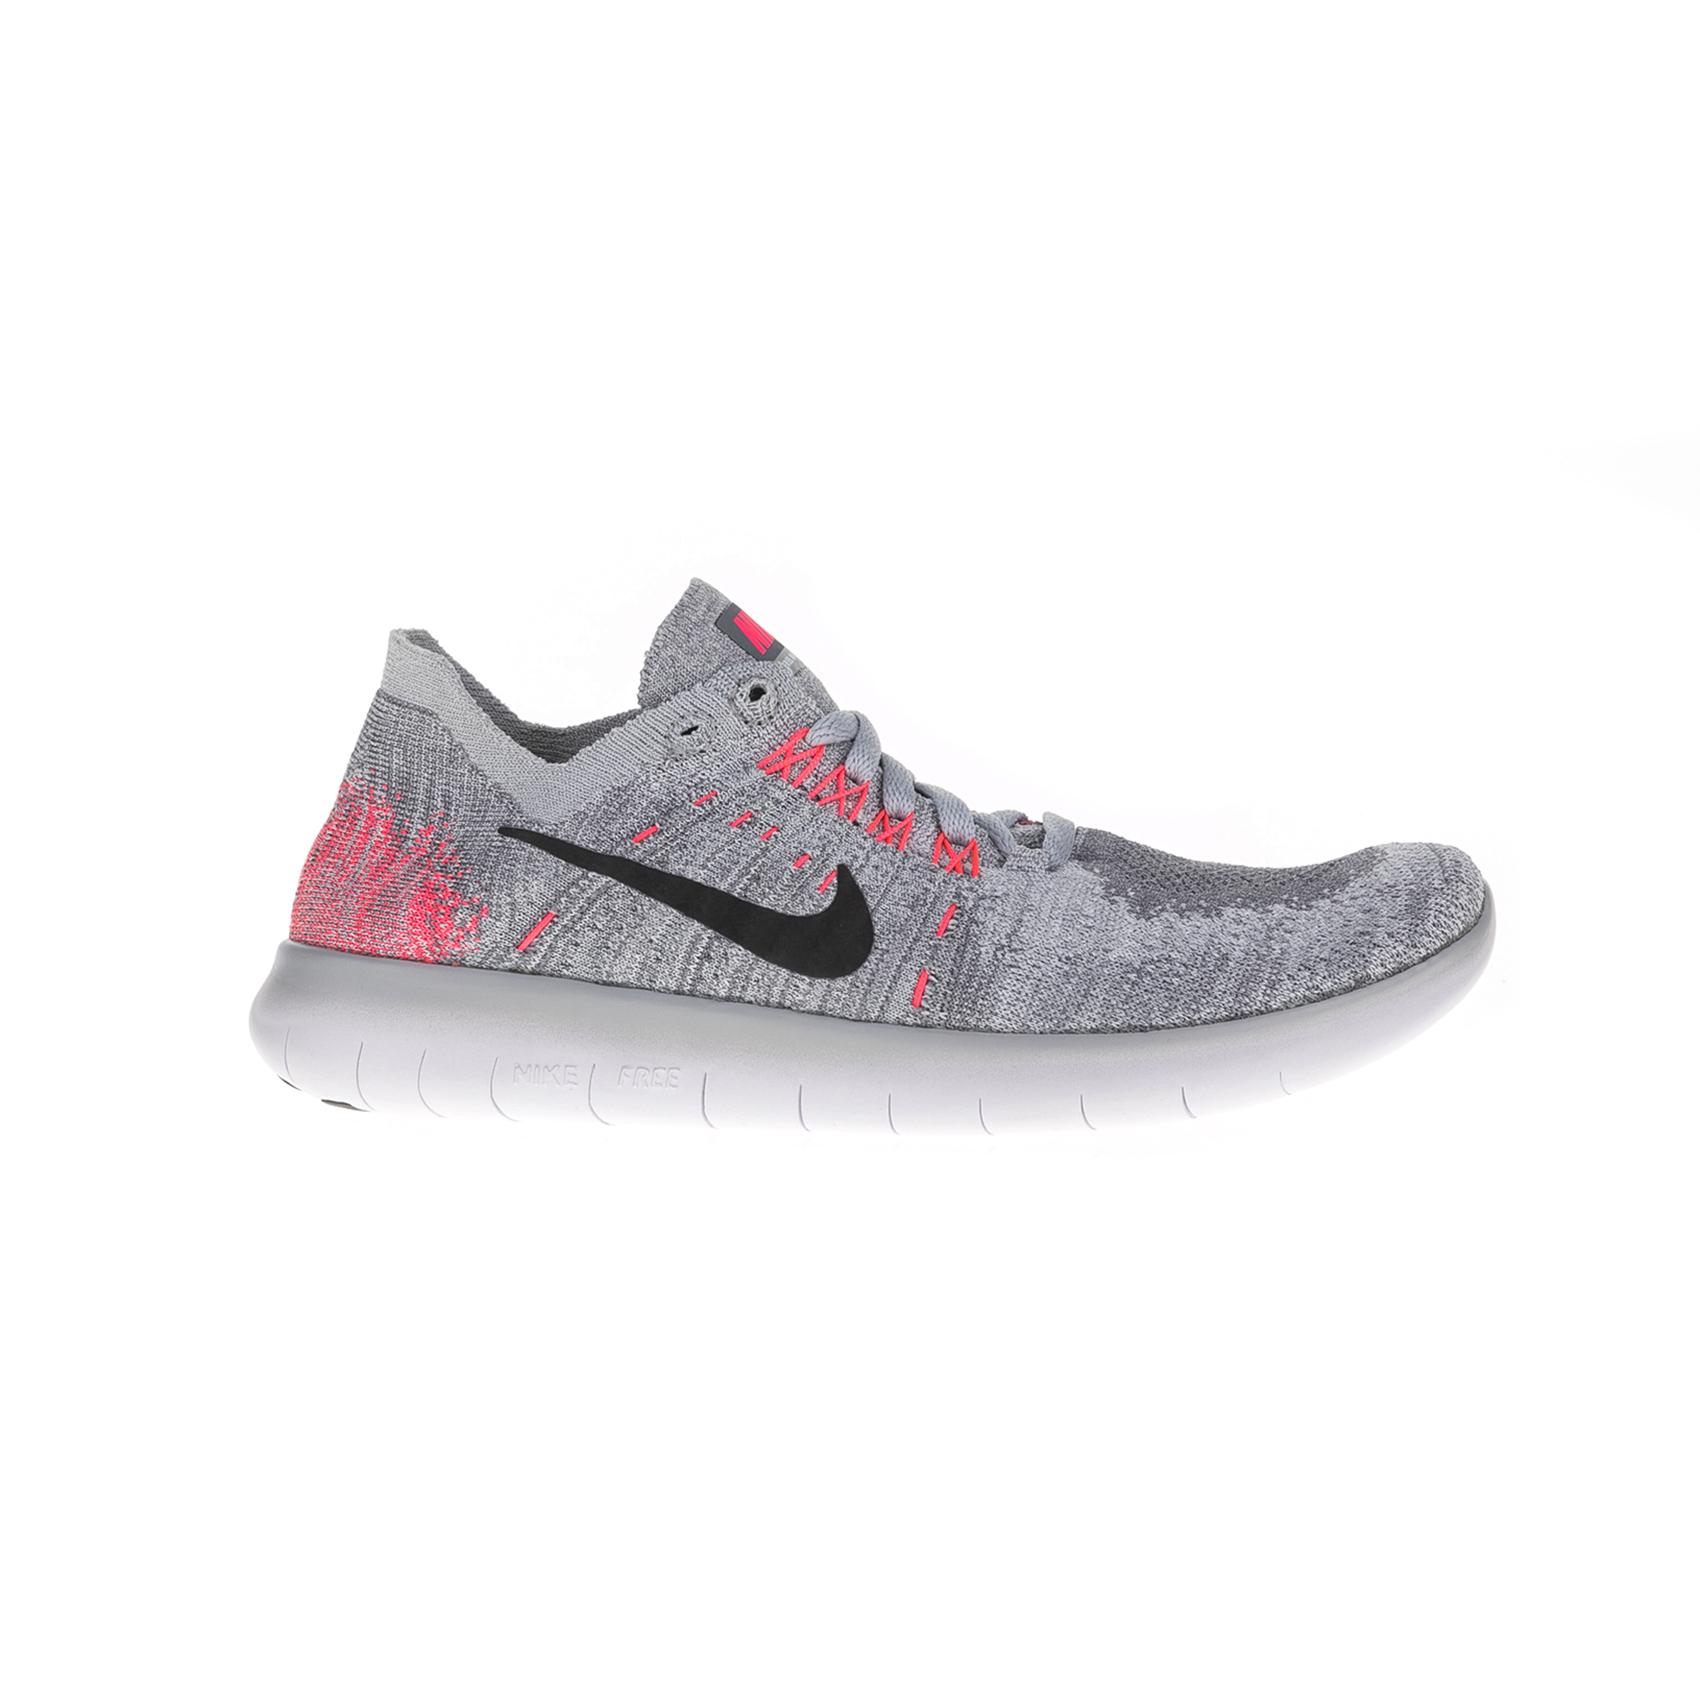 NIKE - Παιδικά αθλητικά παπούτσια Nike FREE RN FLYKNIT 2017 (GS) γκρι -  κόκκινα 4bdfd495f48